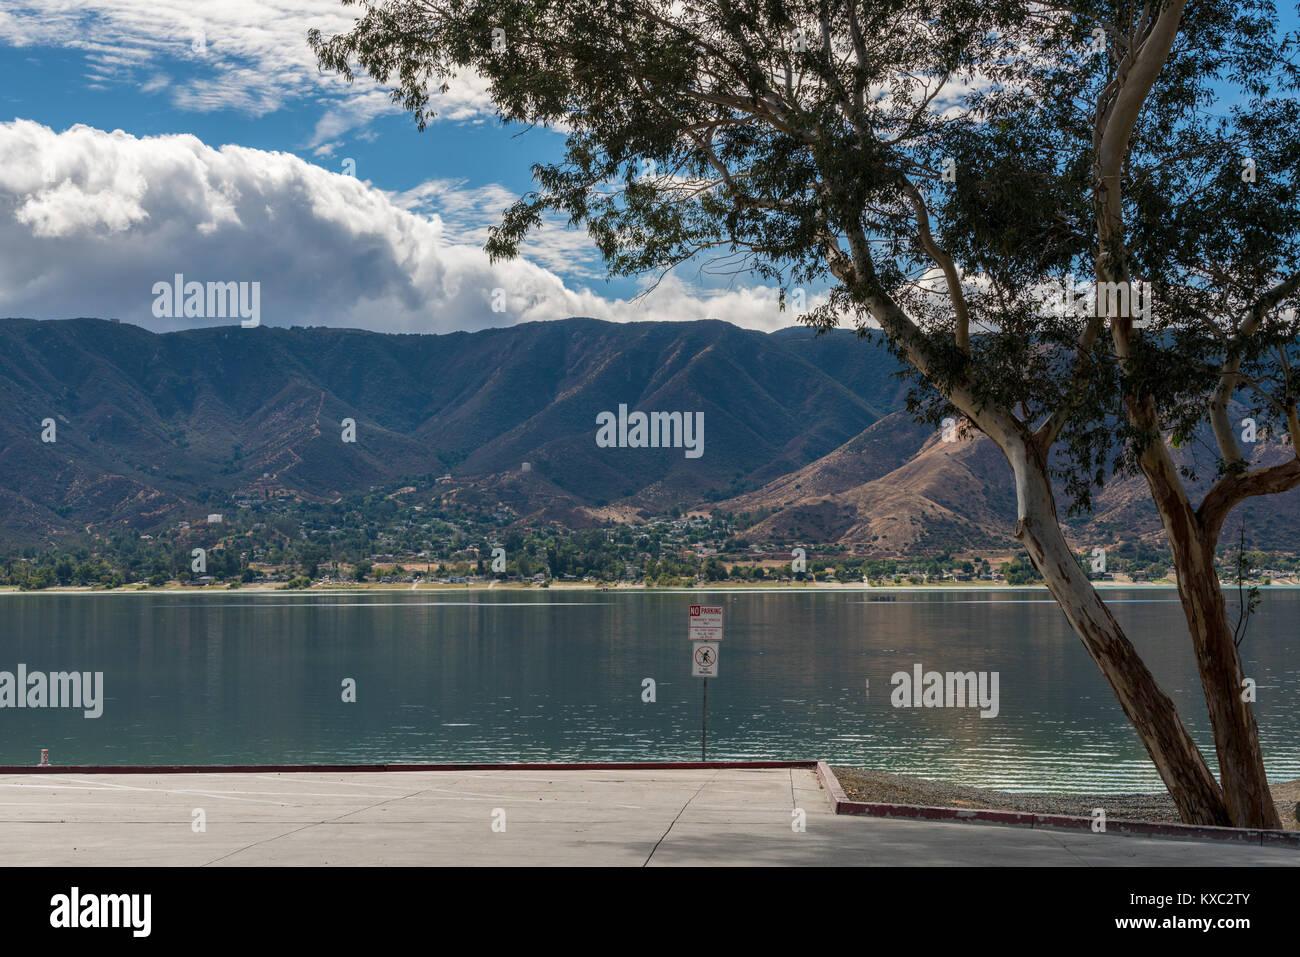 Waterside view of Lake Elsinore in California - Stock Image